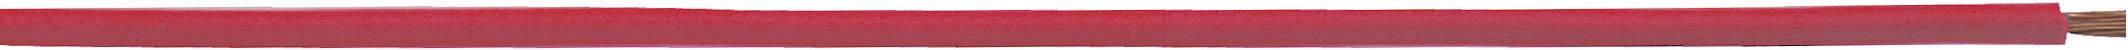 Opletenie / lanko LappKabel 4510041 H05V-K, 1 x 0.50 mm², vonkajší Ø 2.10 mm, 100 m, červená